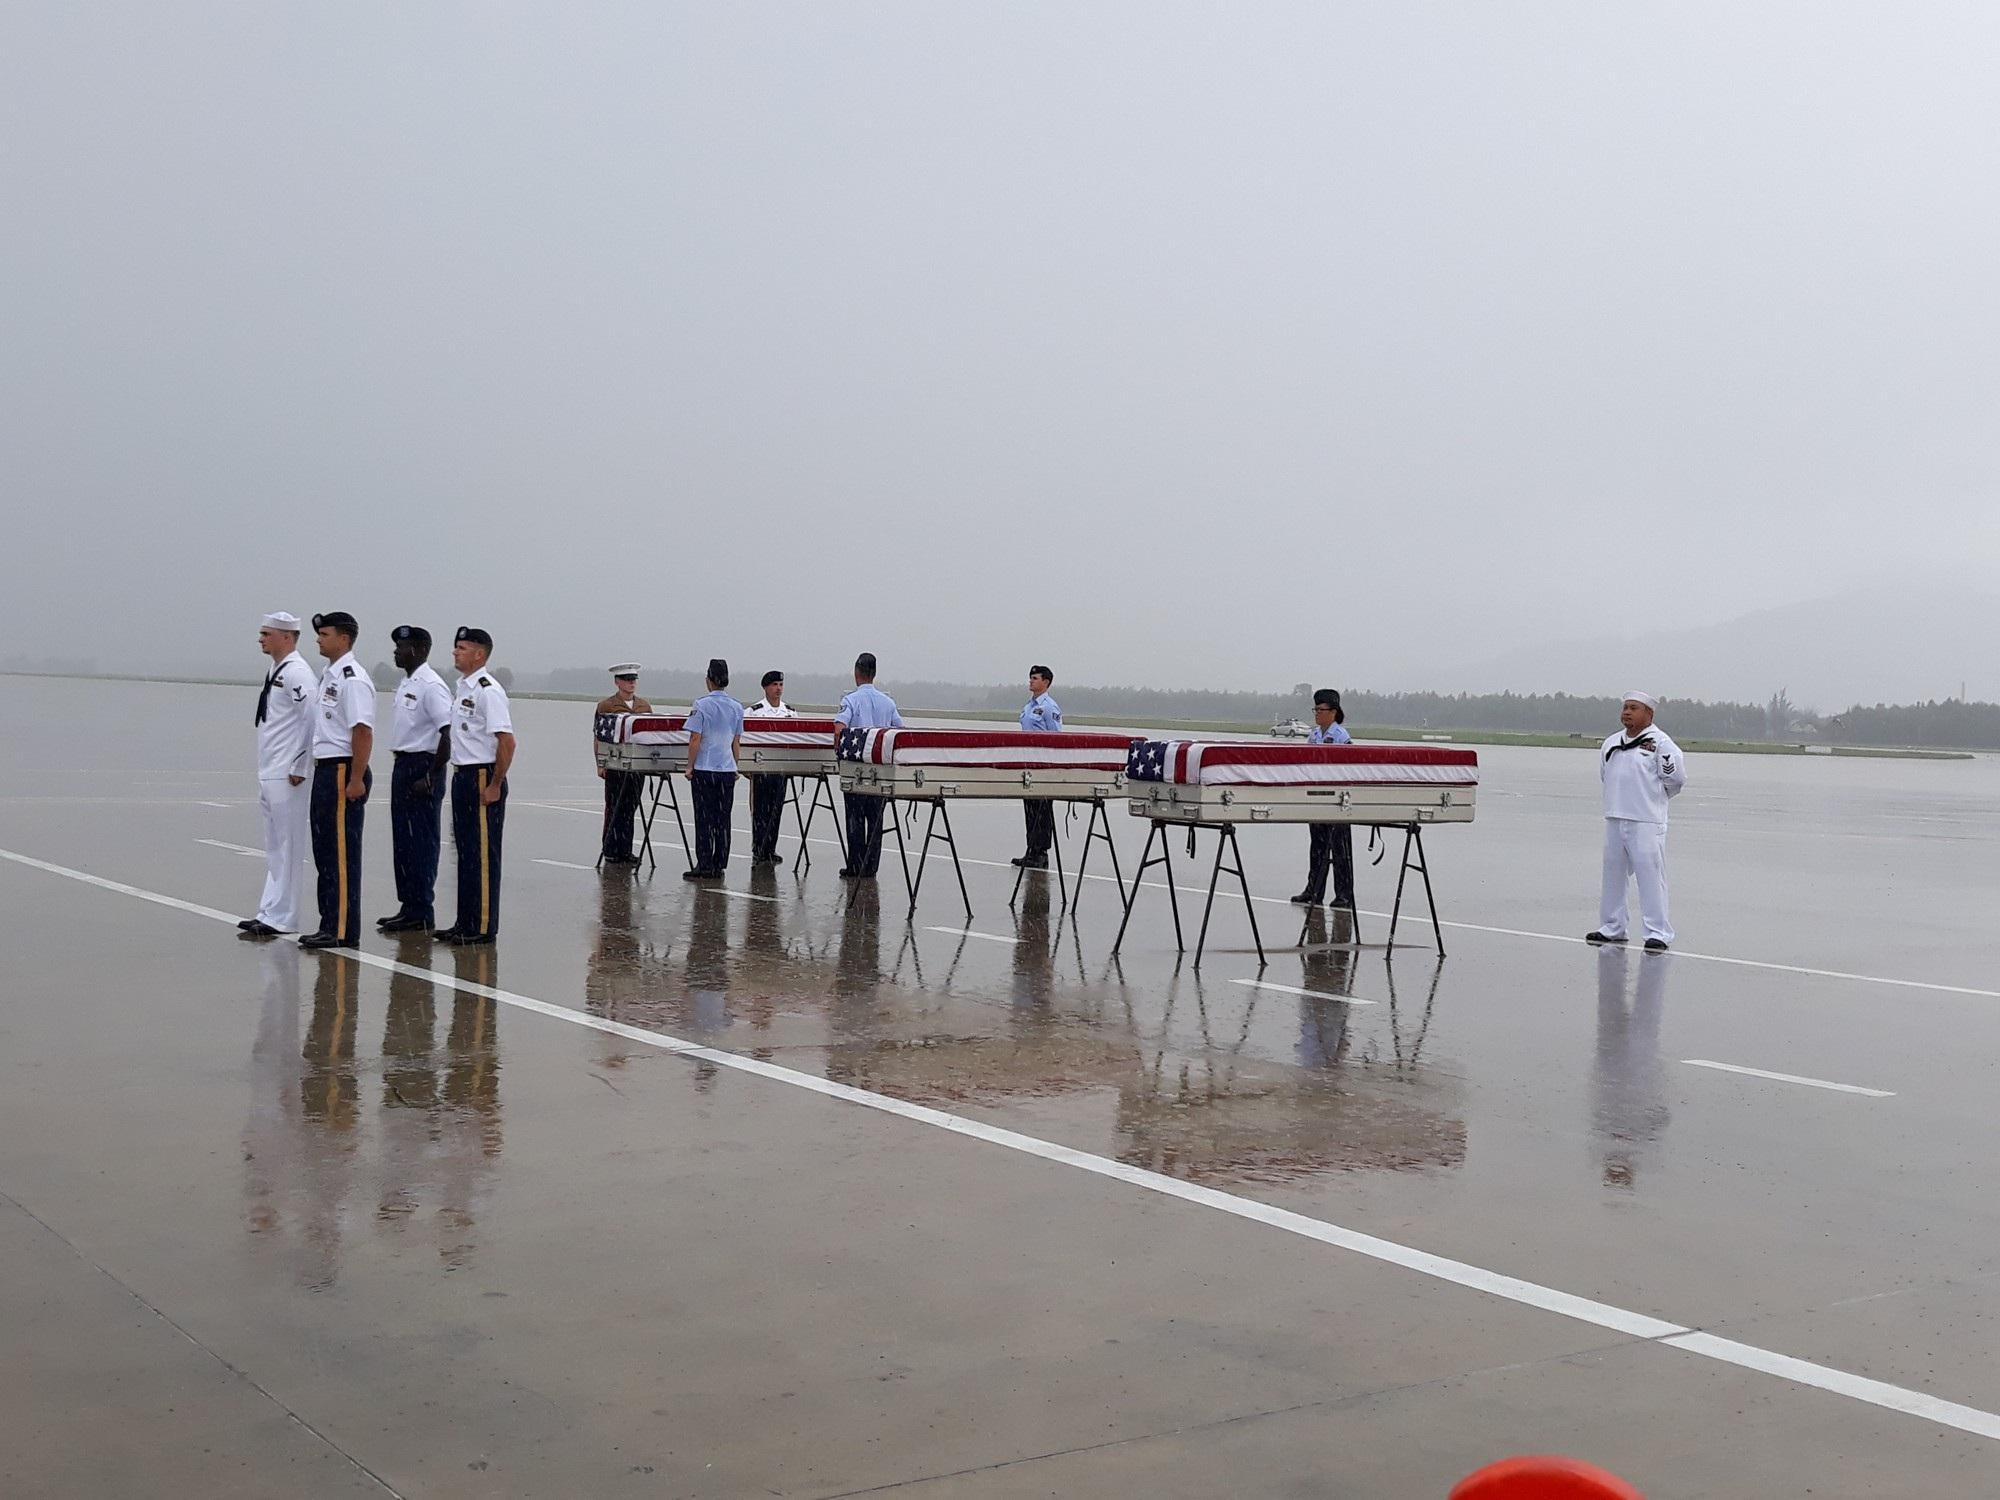 Việt Nam trao trả hài cốt quân nhân Hoa Kỳ lần thứ 147 - Ảnh 3.